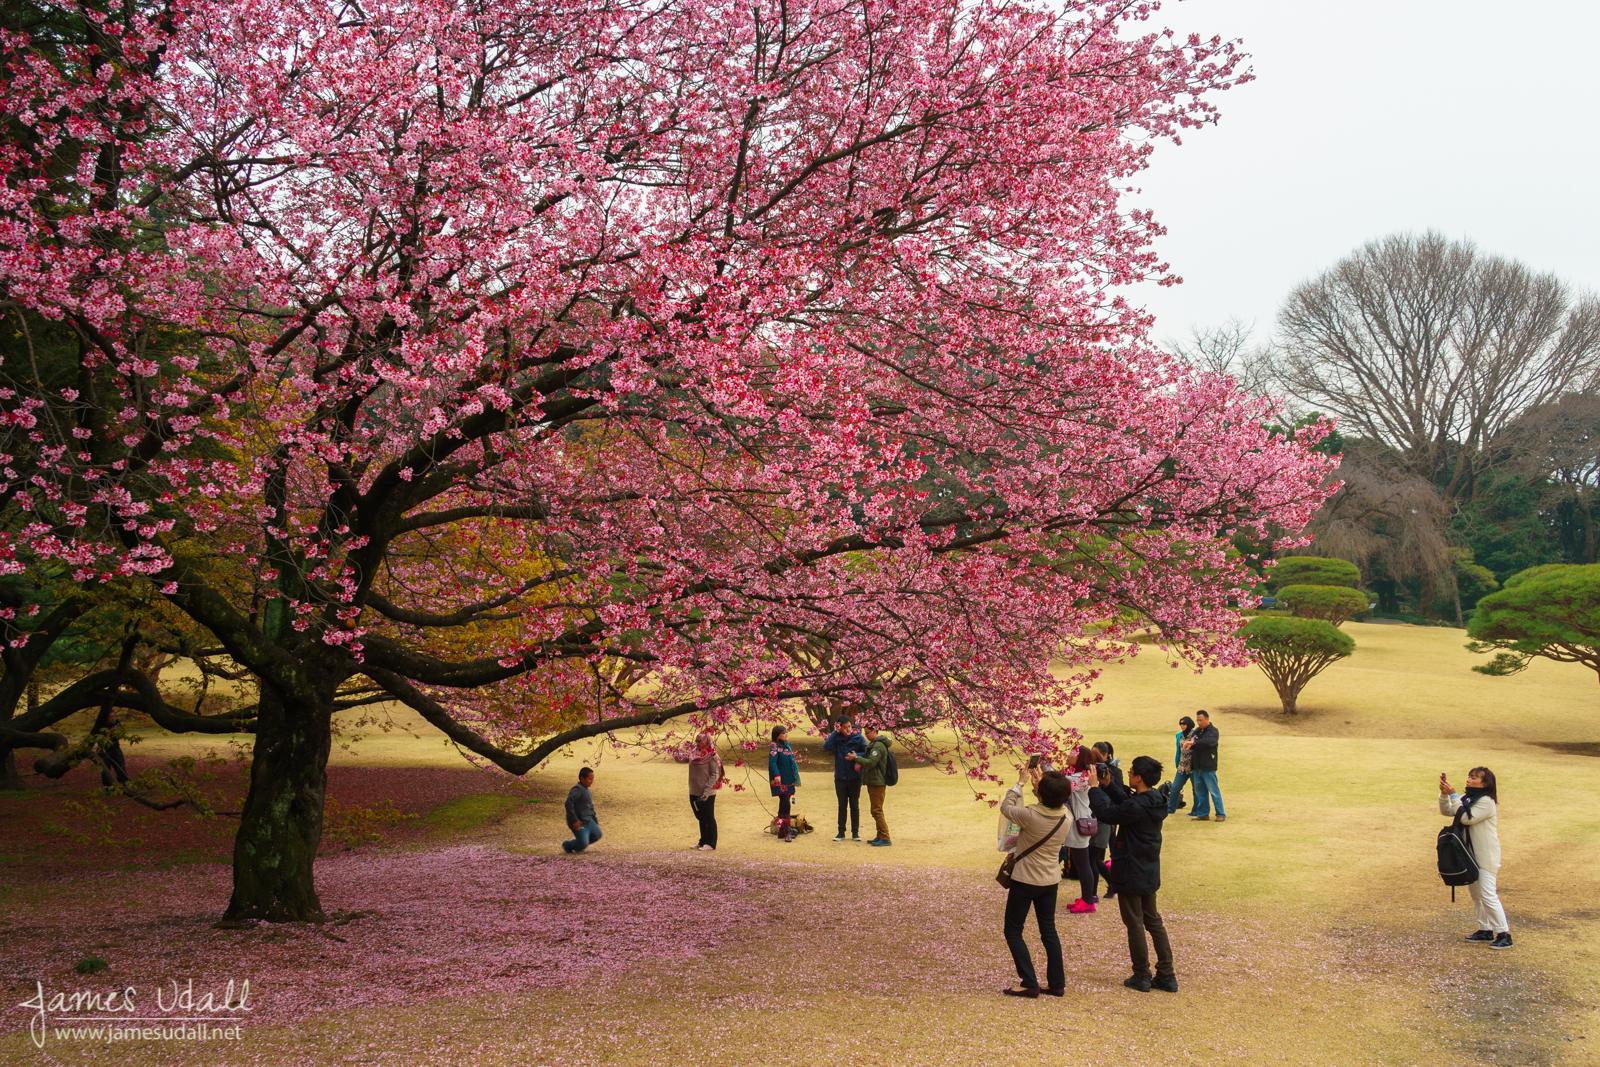 Taking Pictures of Sakura